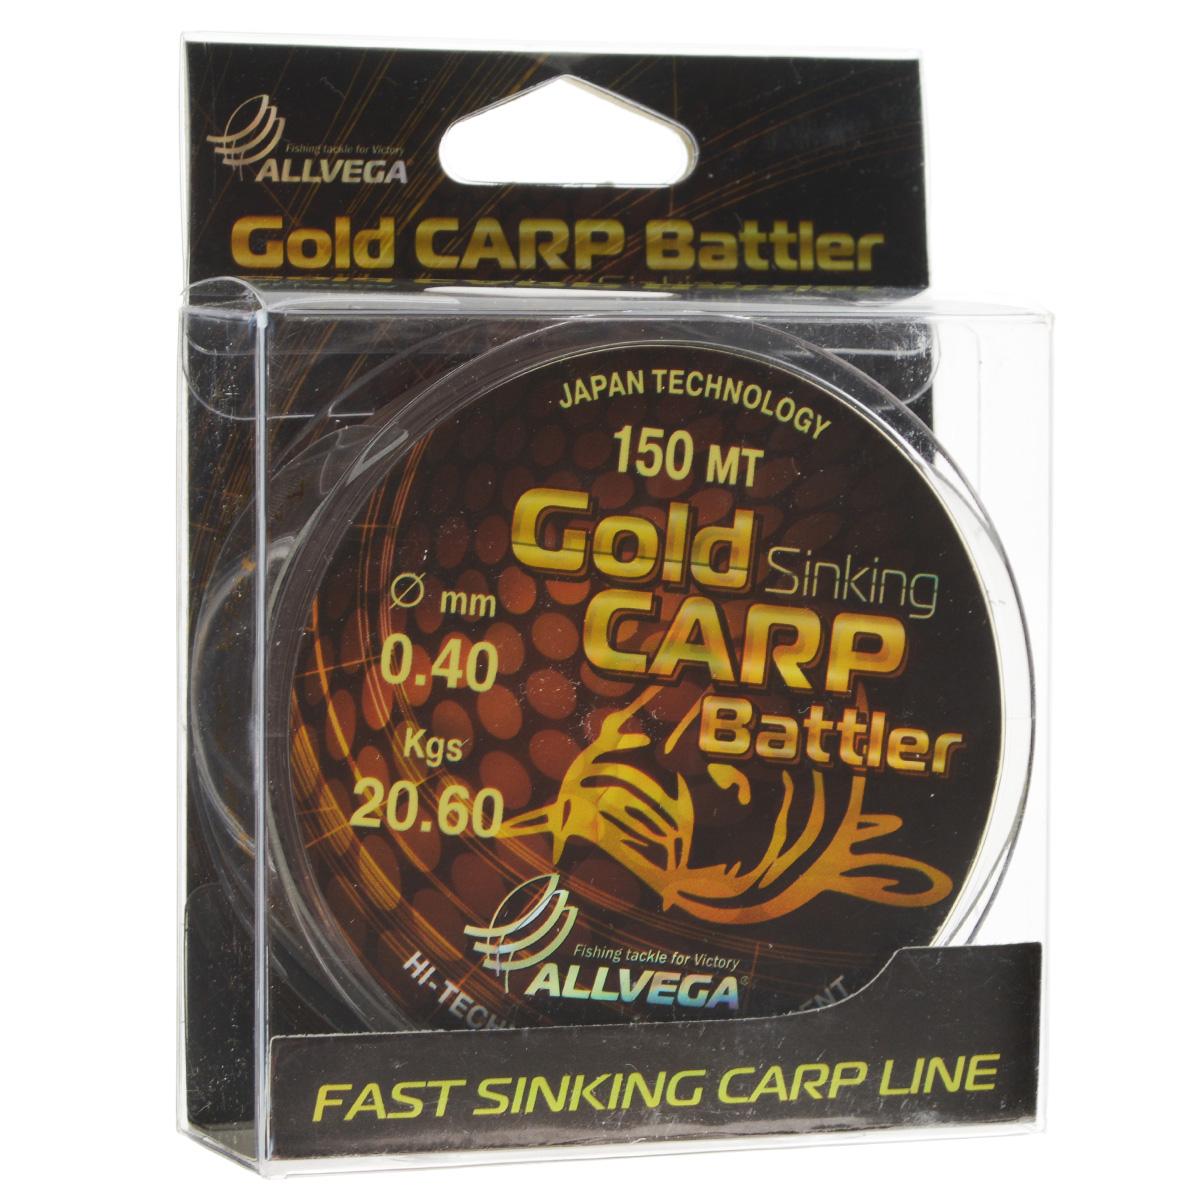 Леска Allvega Gold Carp Battler, цвет: коричневый, 150 м, 0,40 мм, 20,6 кг